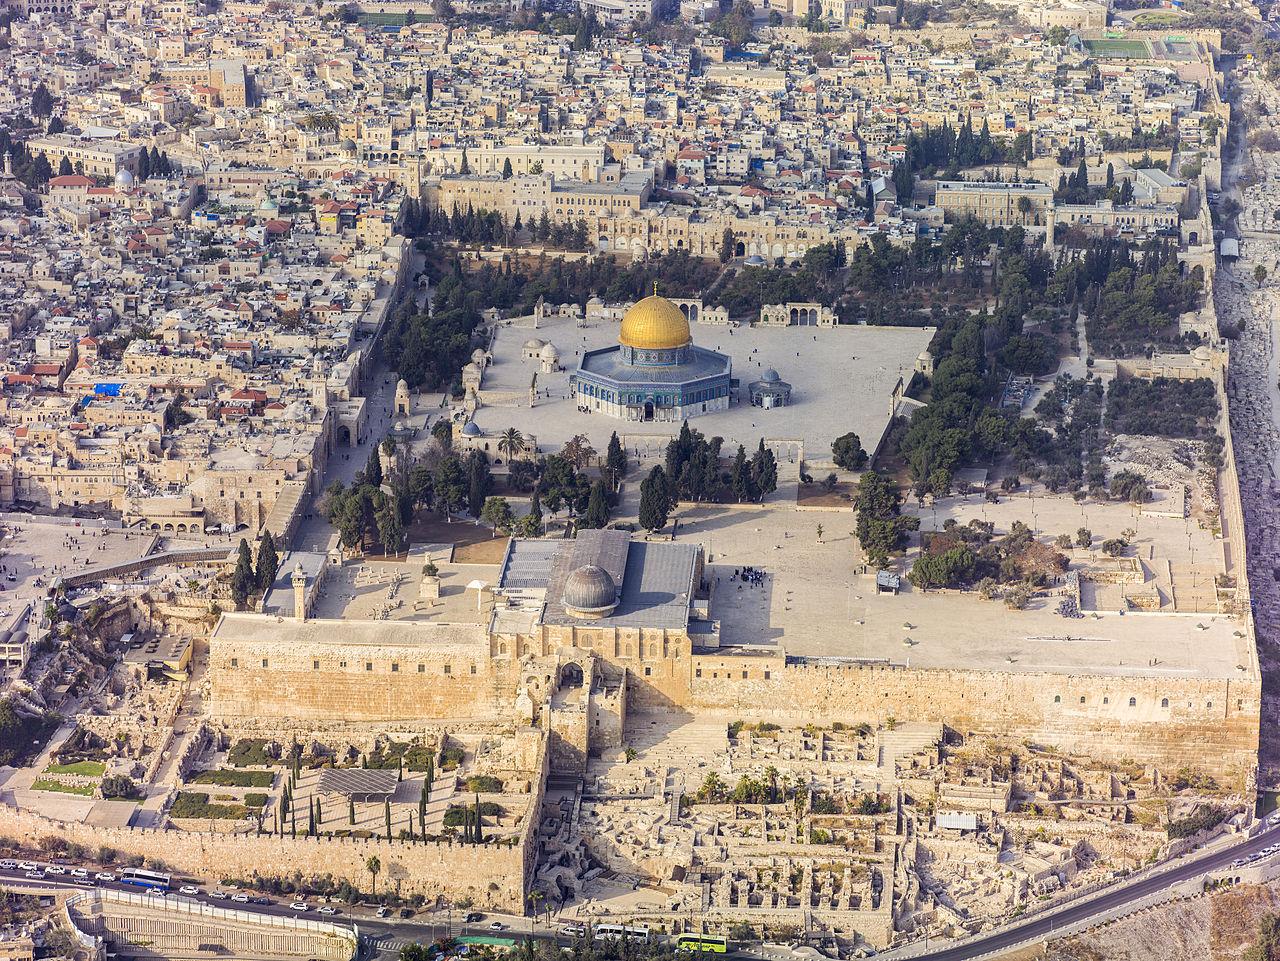 МИД РФ раскритиковал Израиль заприостановку сотрудничества сЮНЕСКО